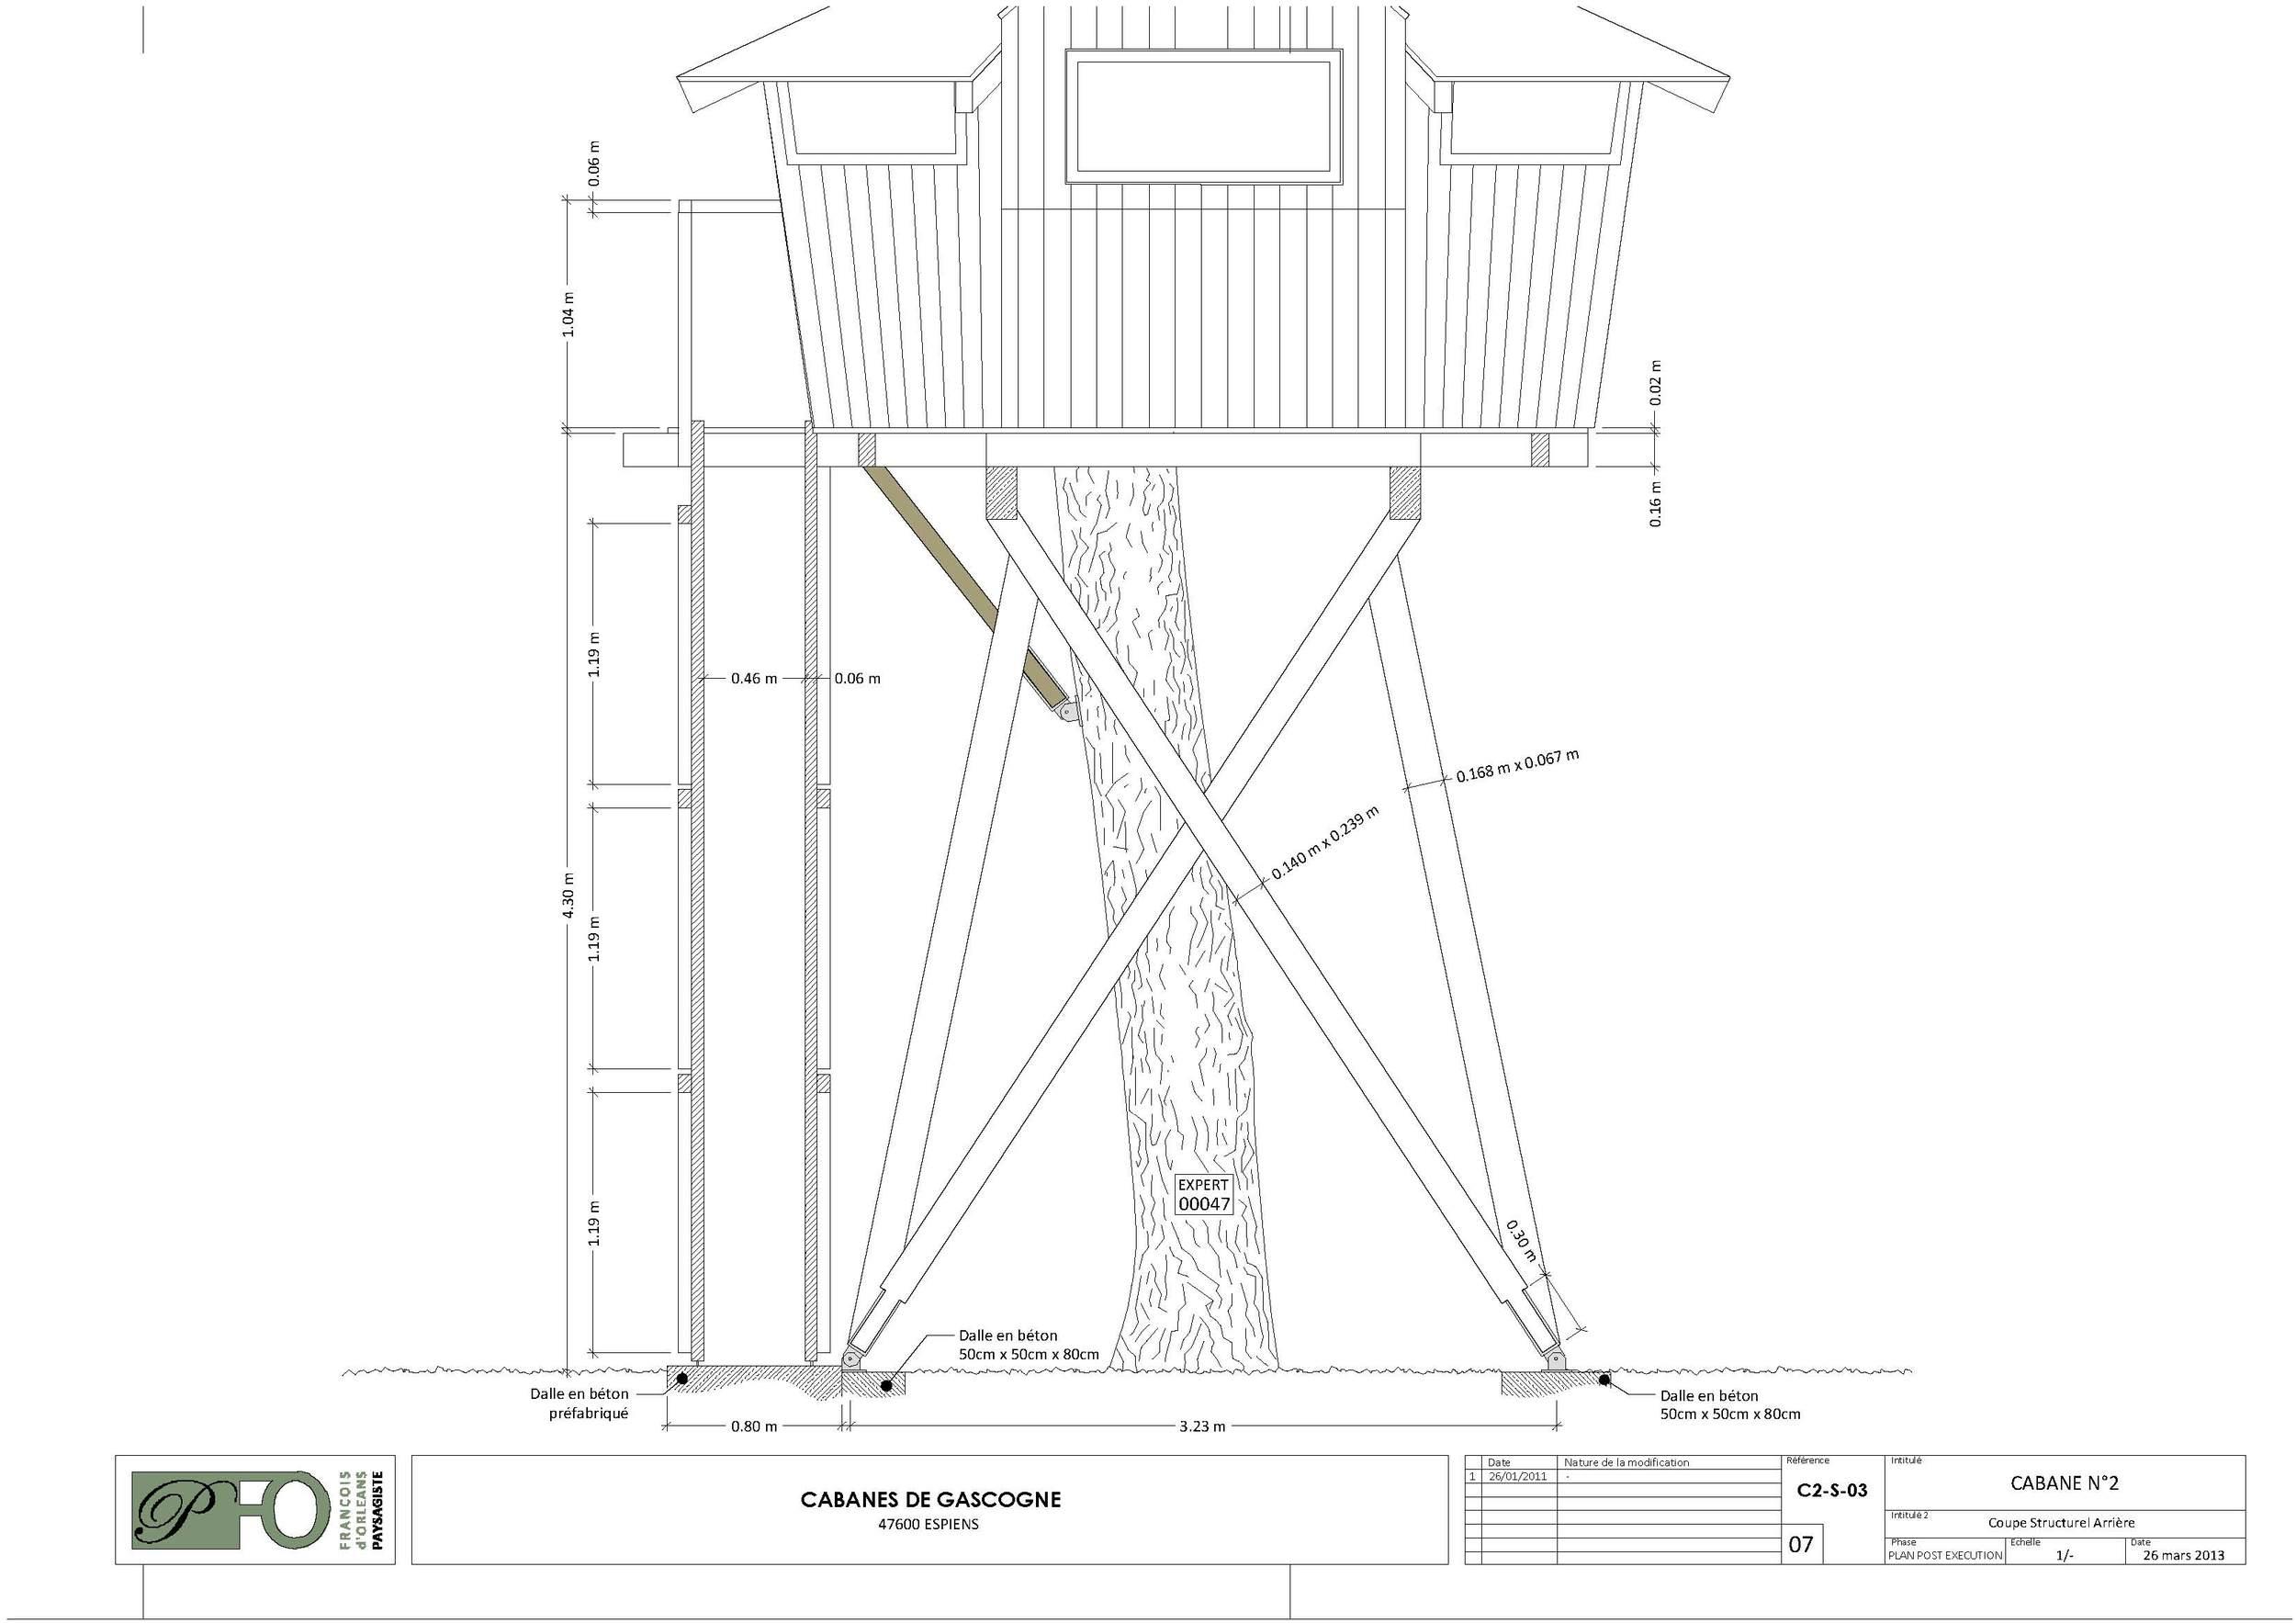 ARCONQUE - MERODE 2013.04.09-C2-S-03.jpg